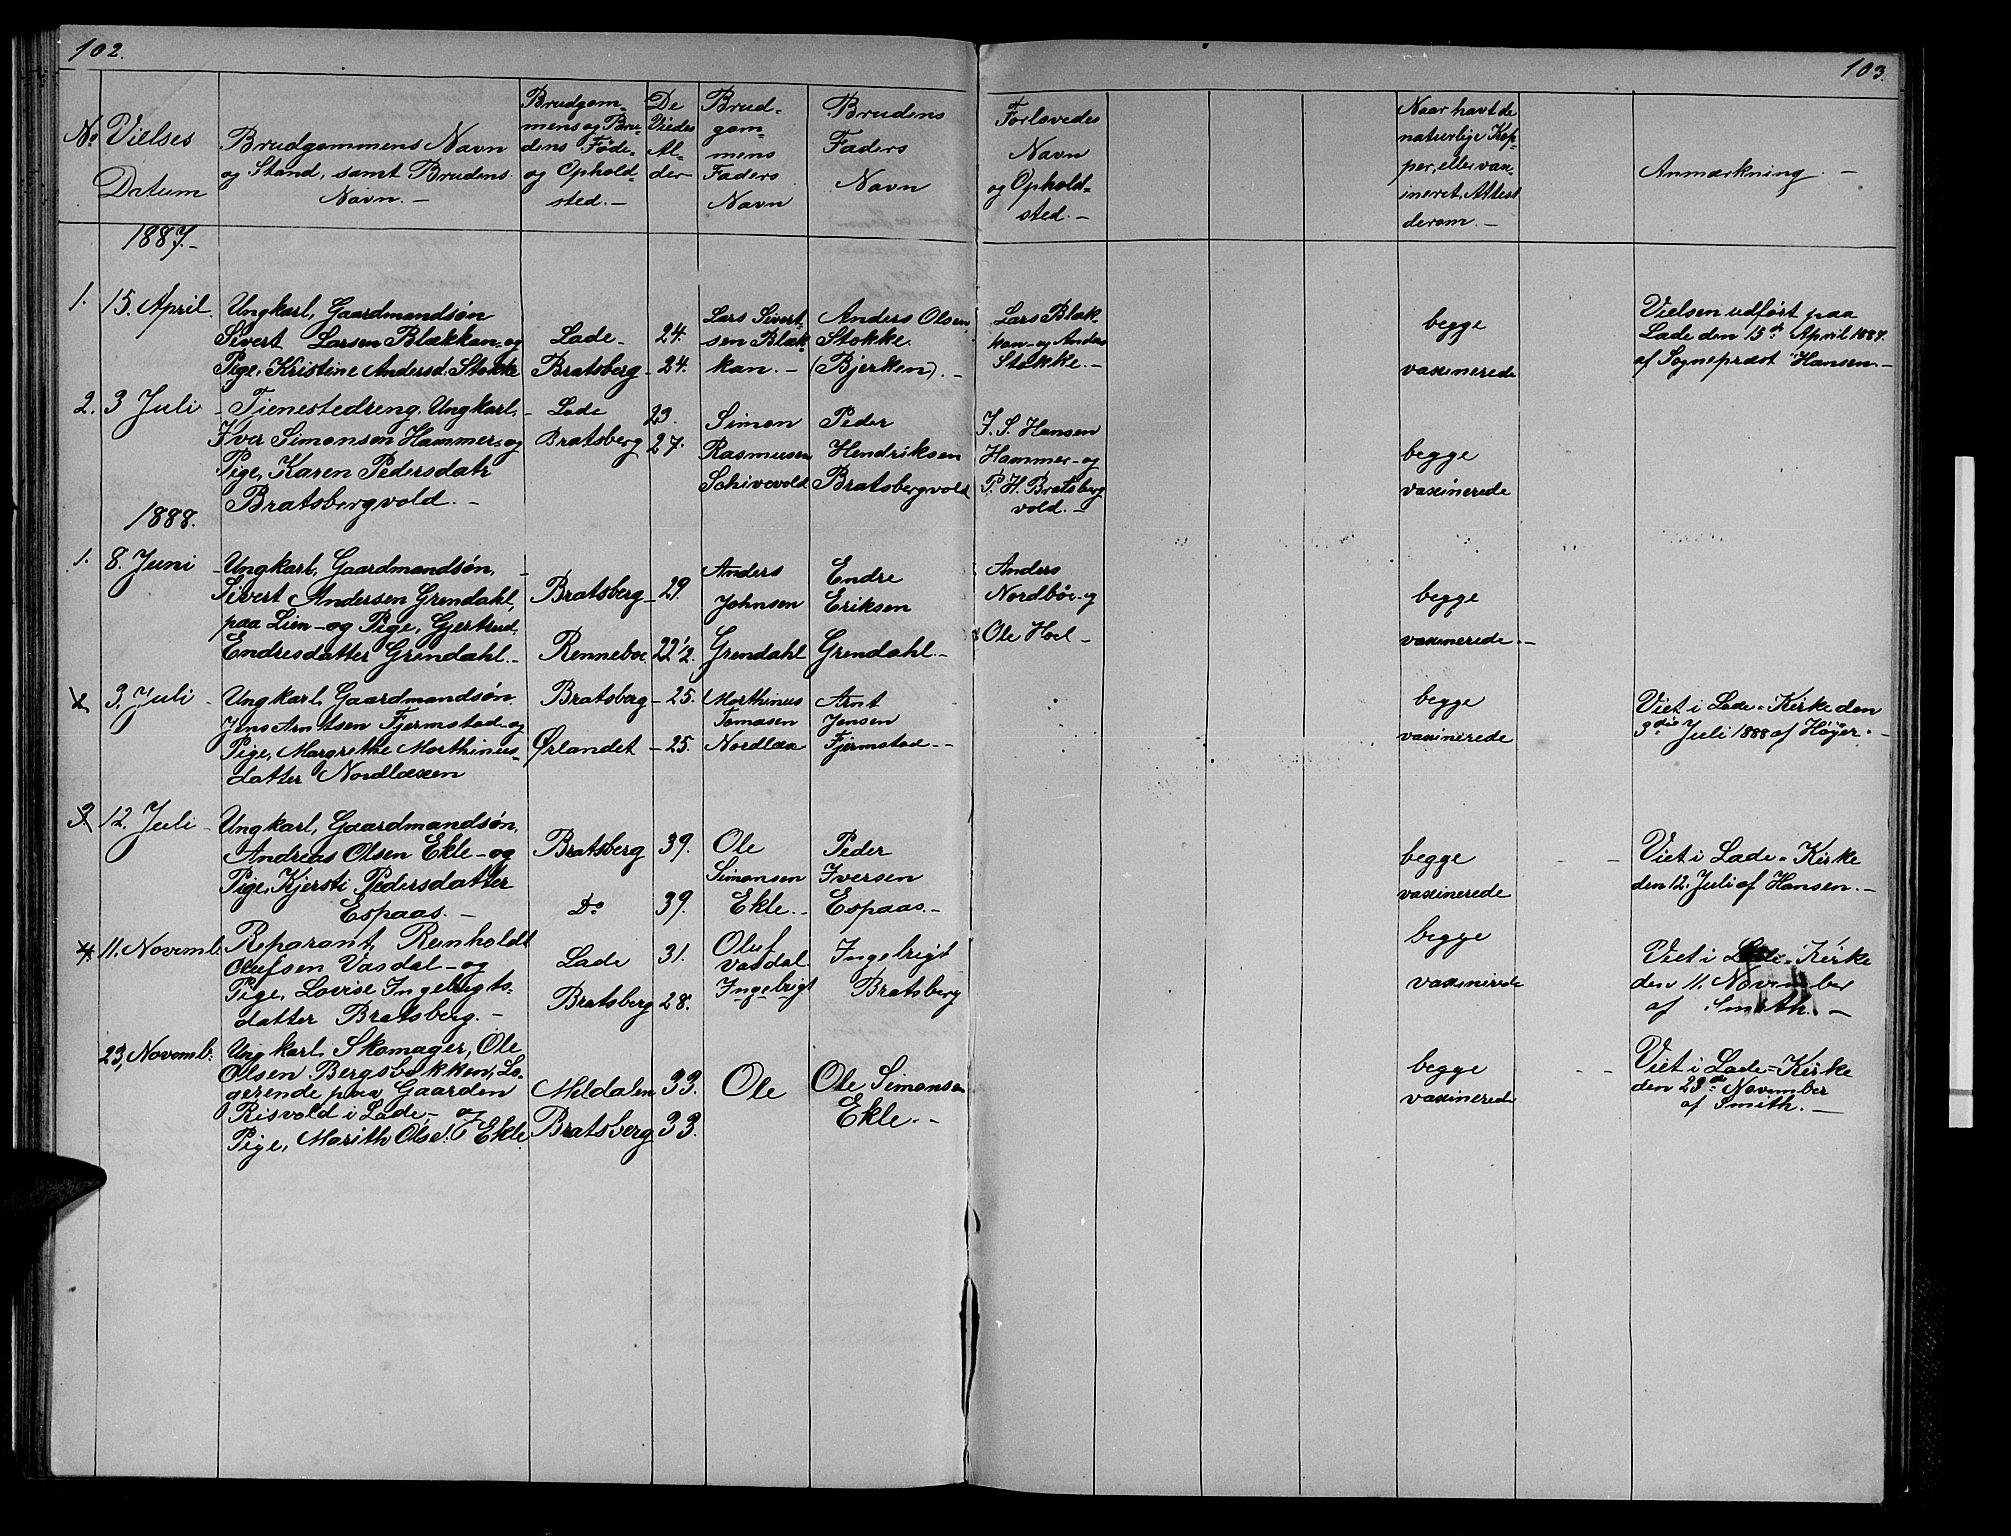 SAT, Ministerialprotokoller, klokkerbøker og fødselsregistre - Sør-Trøndelag, 608/L0340: Klokkerbok nr. 608C06, 1864-1889, s. 102-103